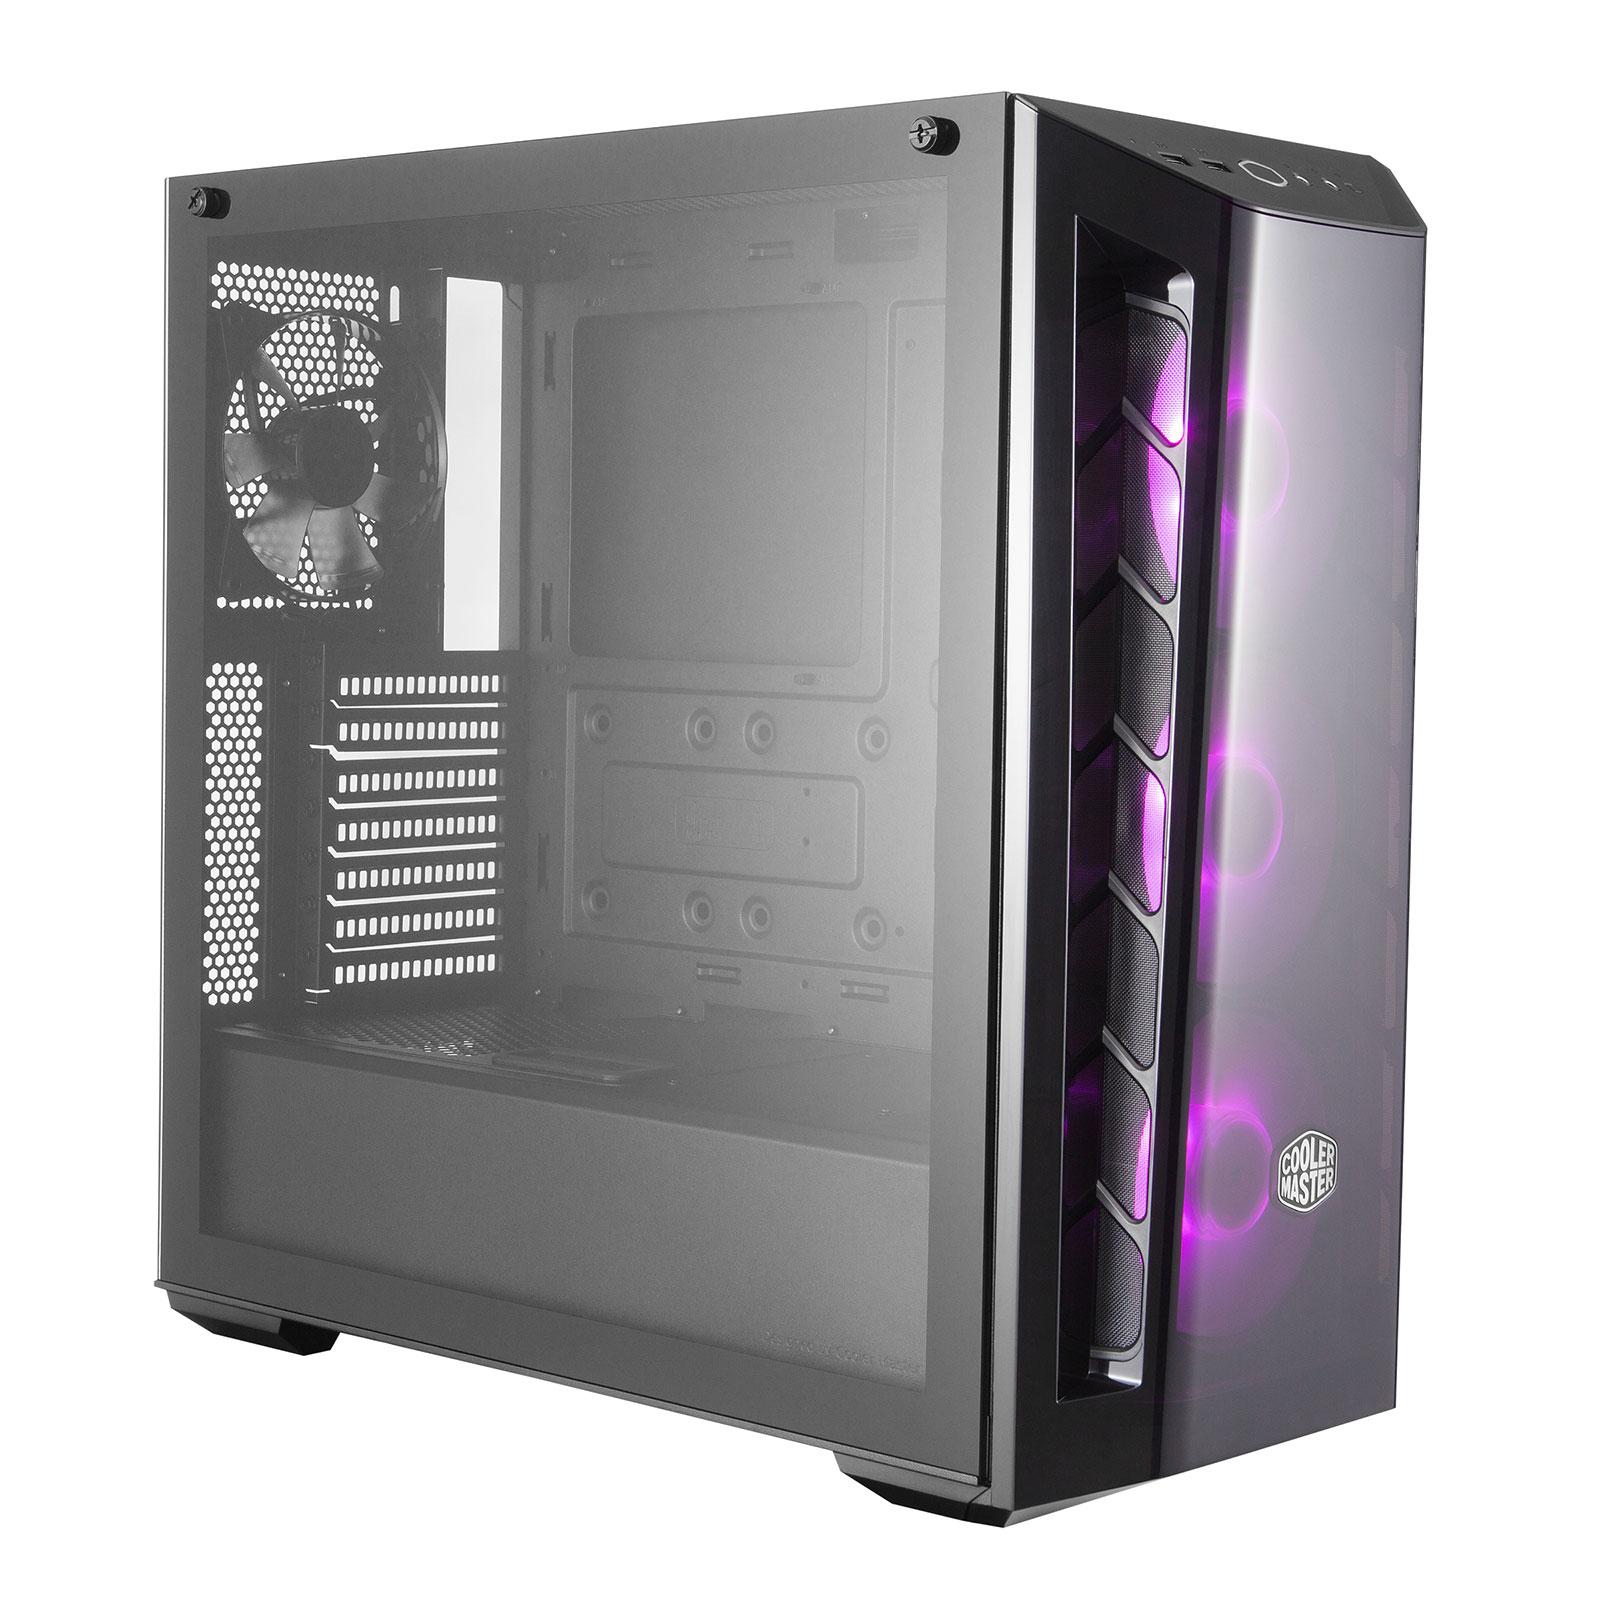 Boîtier PC Cooler Master MasterBox MB520 RGB Boîtier moyen tour avec fenêtre latérale en verre trempé et ventilateurs RGB